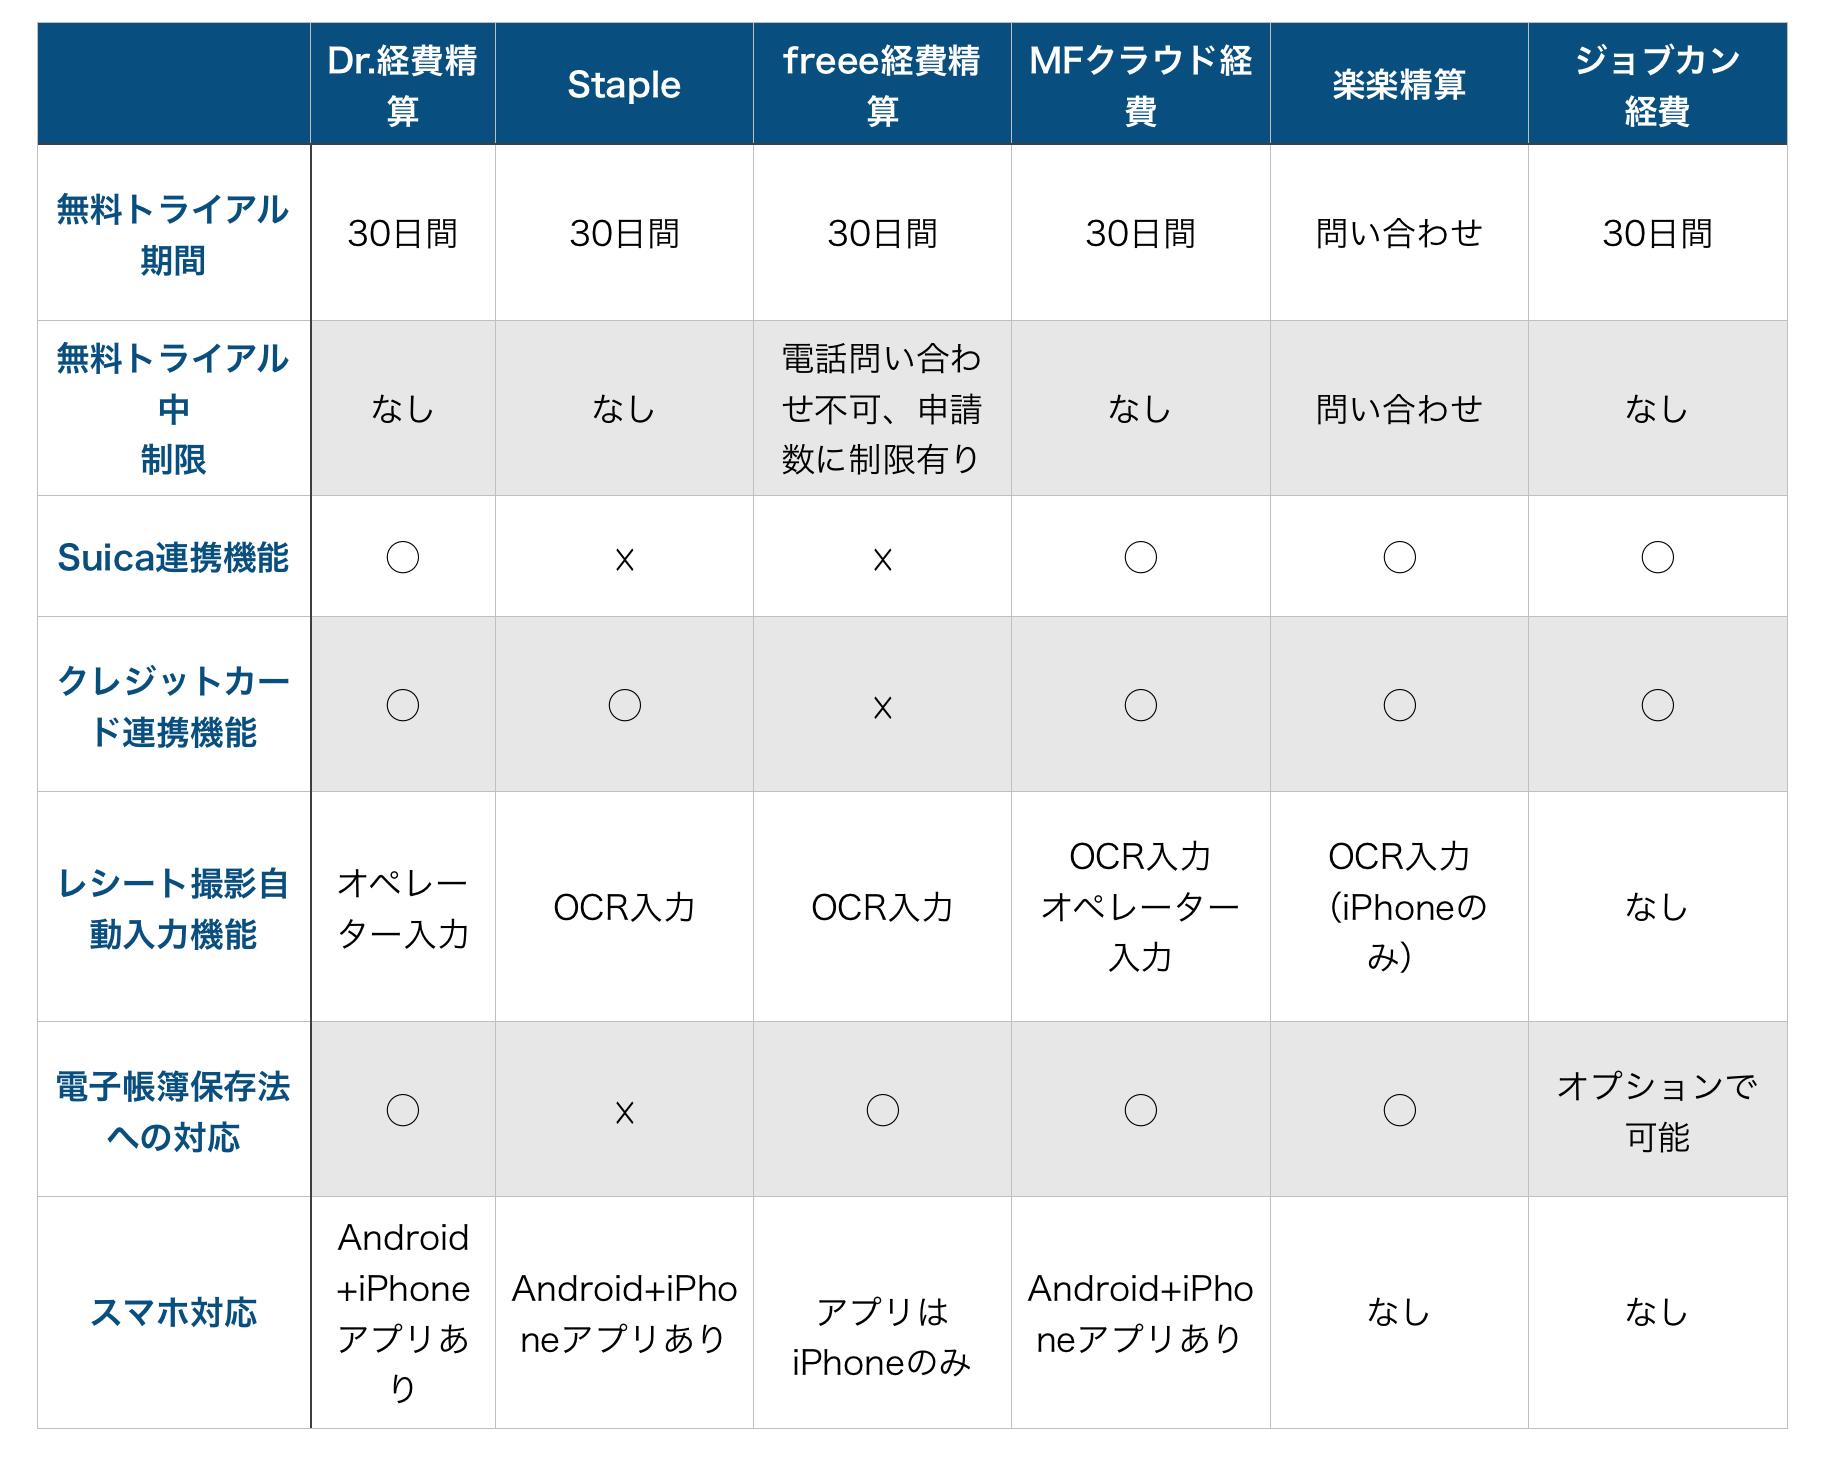 業界人が選ぶ 無料 で使える経費精算システム6選を徹底比較 比較